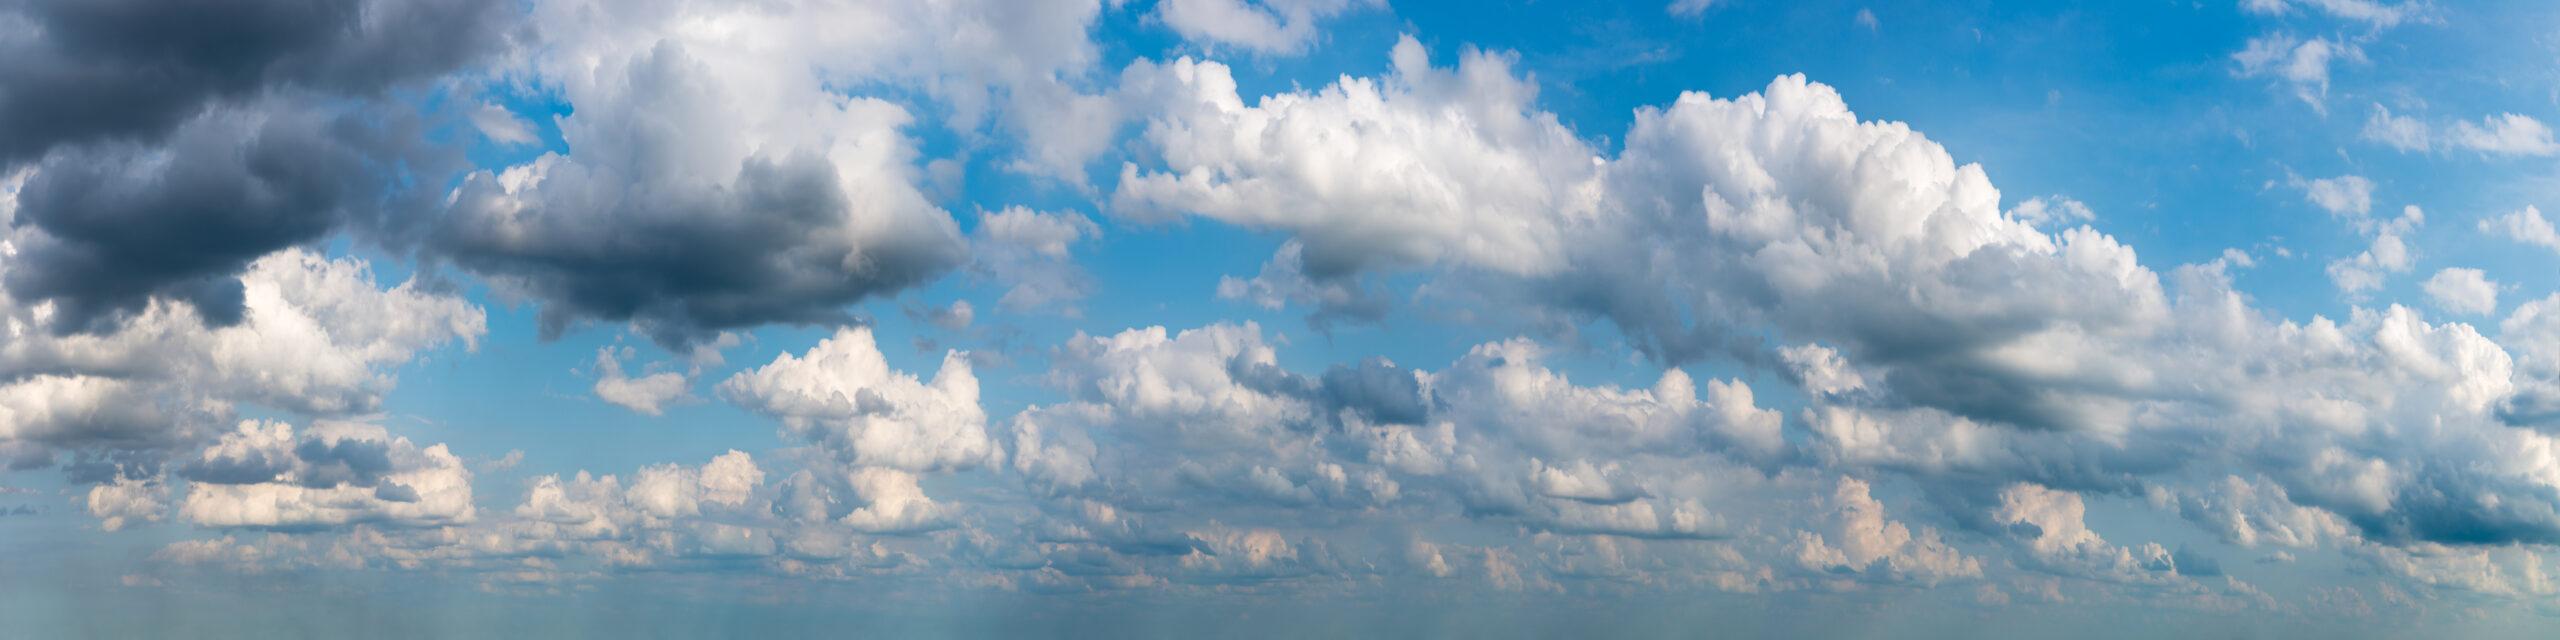 Wolken vor blauem Himmel